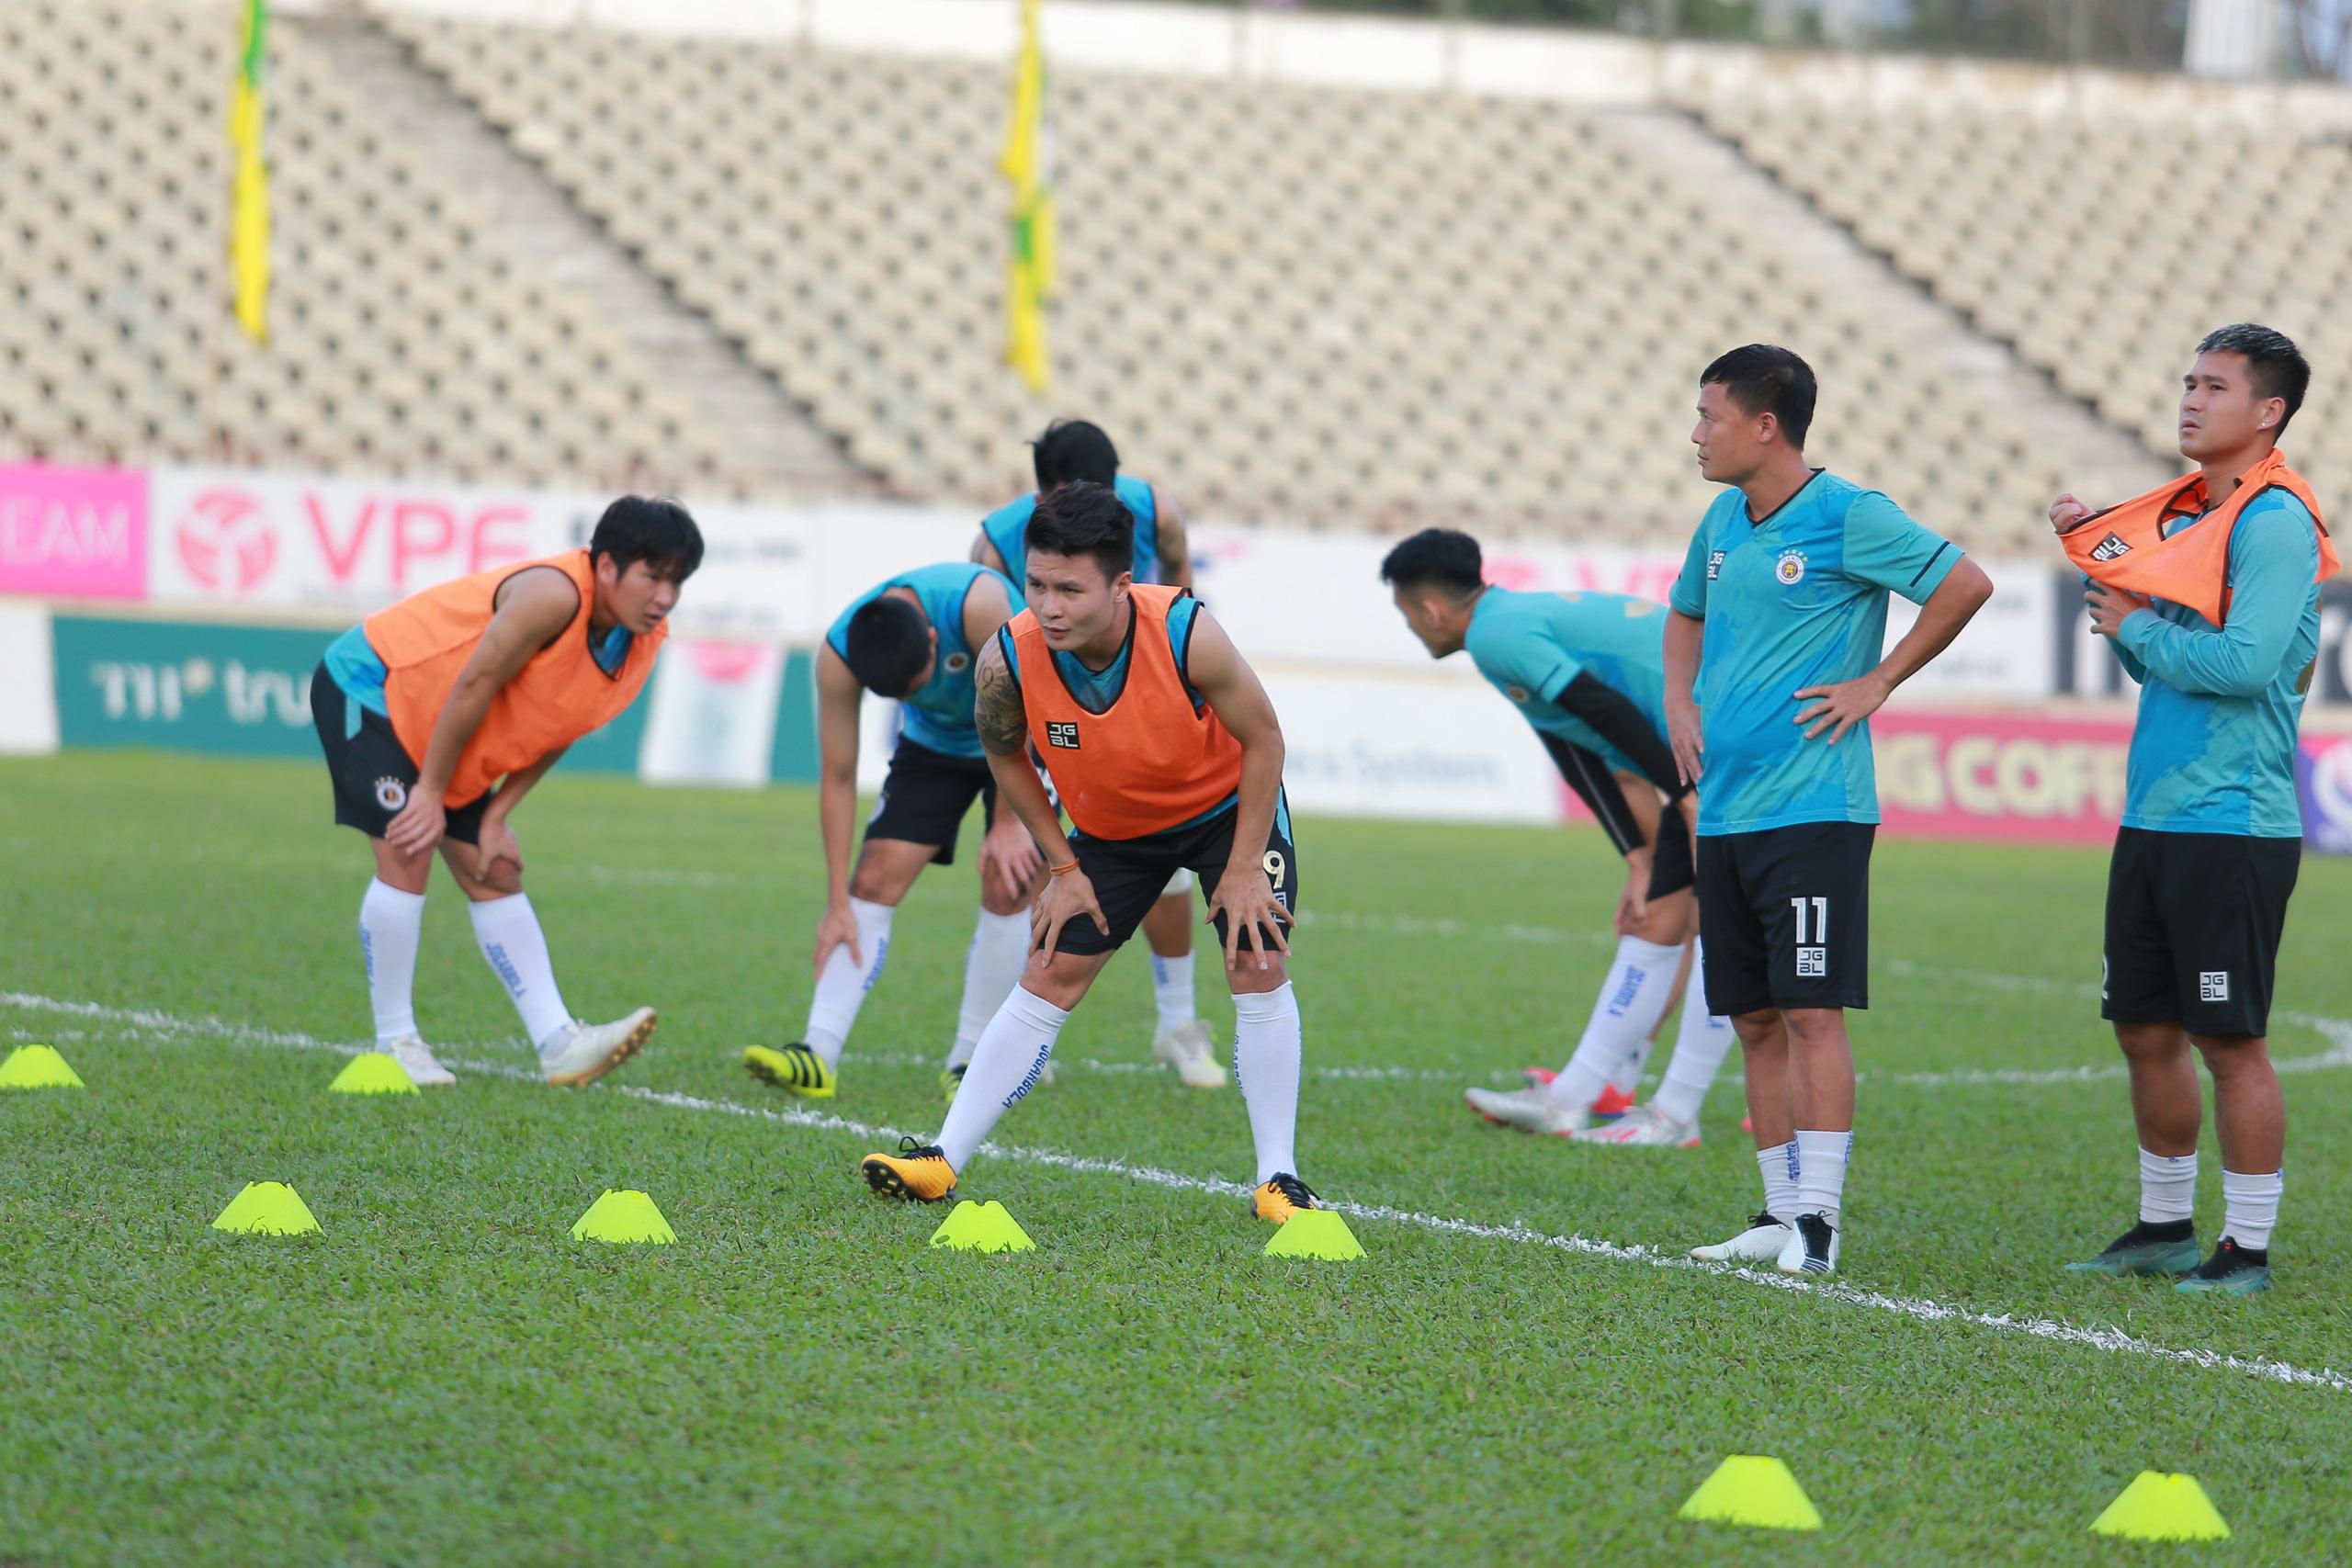 Nóng: Toàn bộ đội 1 của CLB bóng đá Sông Lam Nghệ An bị cách ly vì Covid-19 - Ảnh 4.